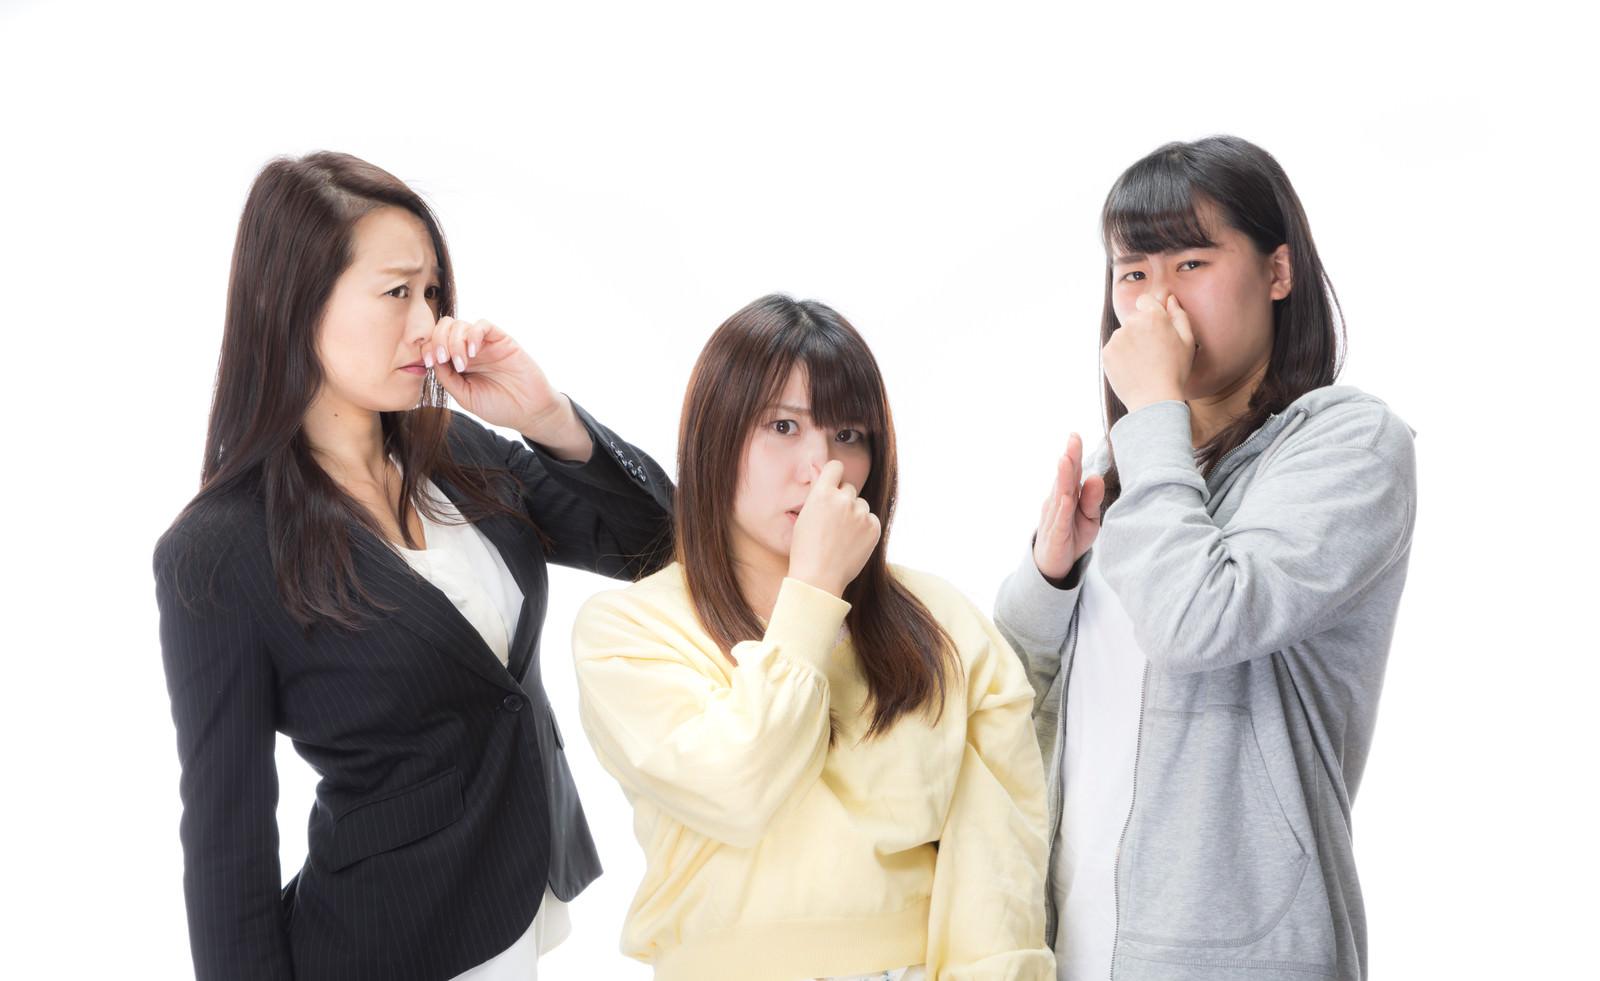 「くさくて鼻をつまむ女性たちくさくて鼻をつまむ女性たち」[モデル:Lala Mizuho 土本寛子]のフリー写真素材を拡大